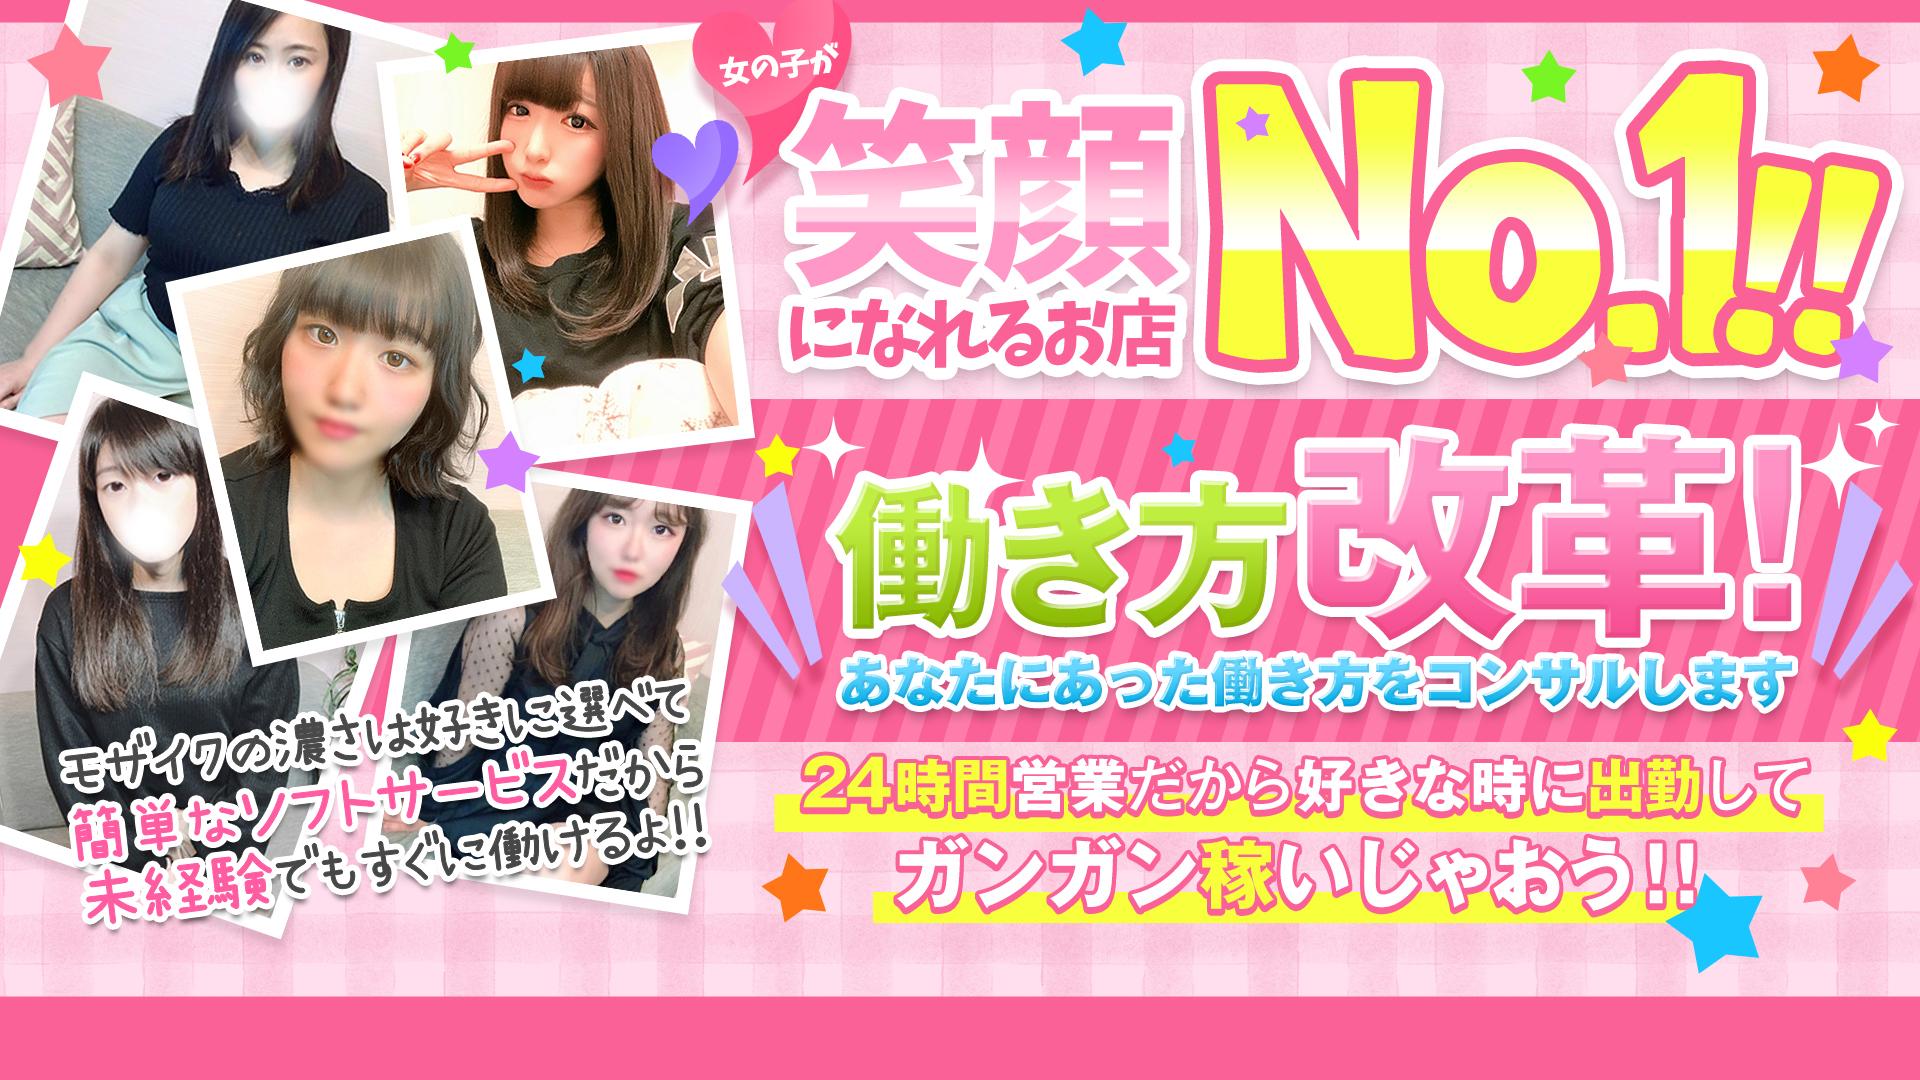 ヤリすぎサークル新宿、新大久保店の求人画像